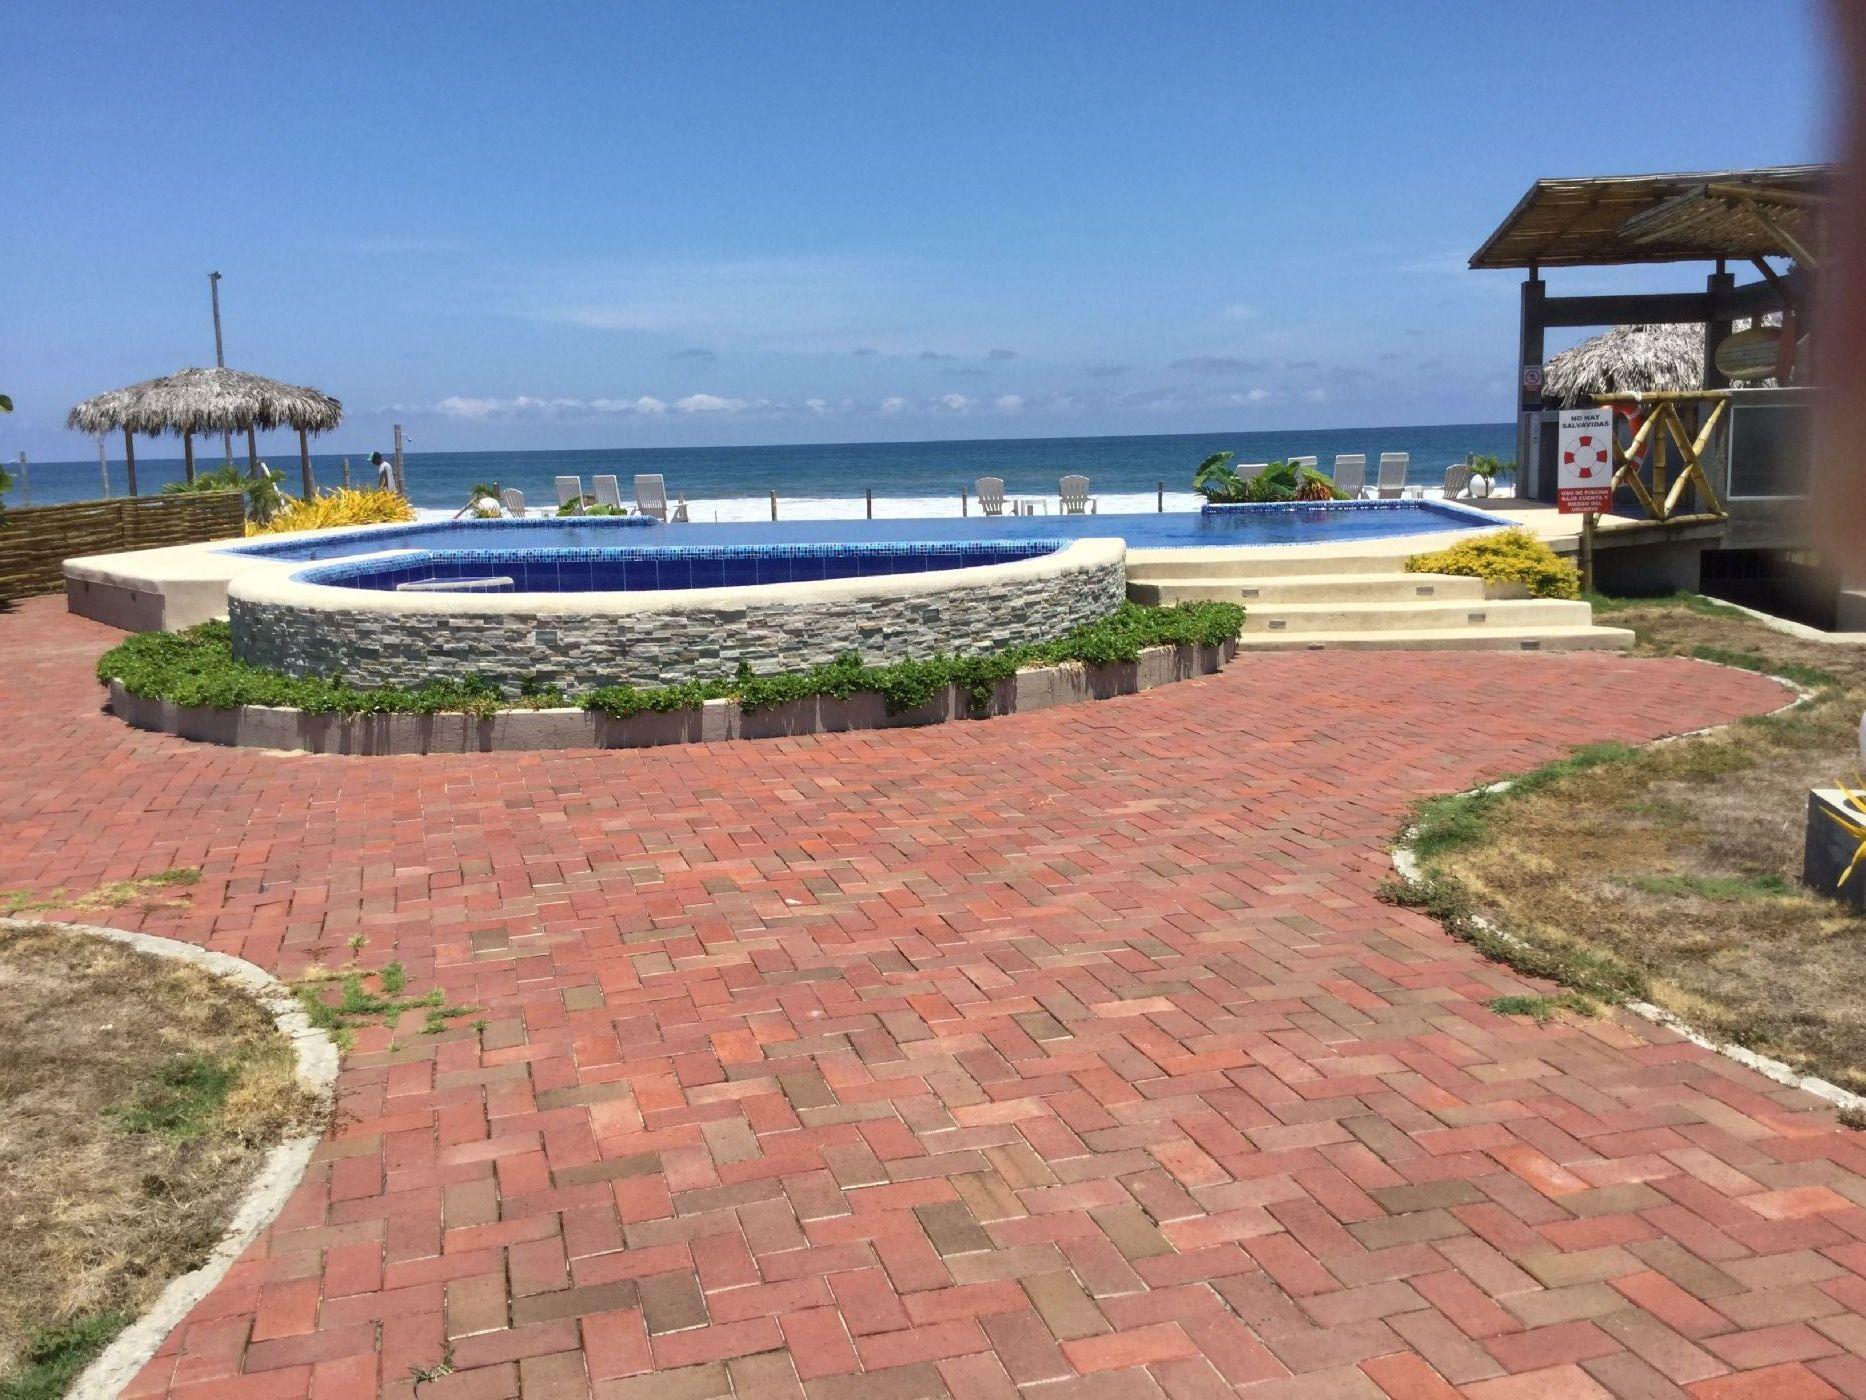 Manglaralto-Ecuador-property-499977-3.JPG